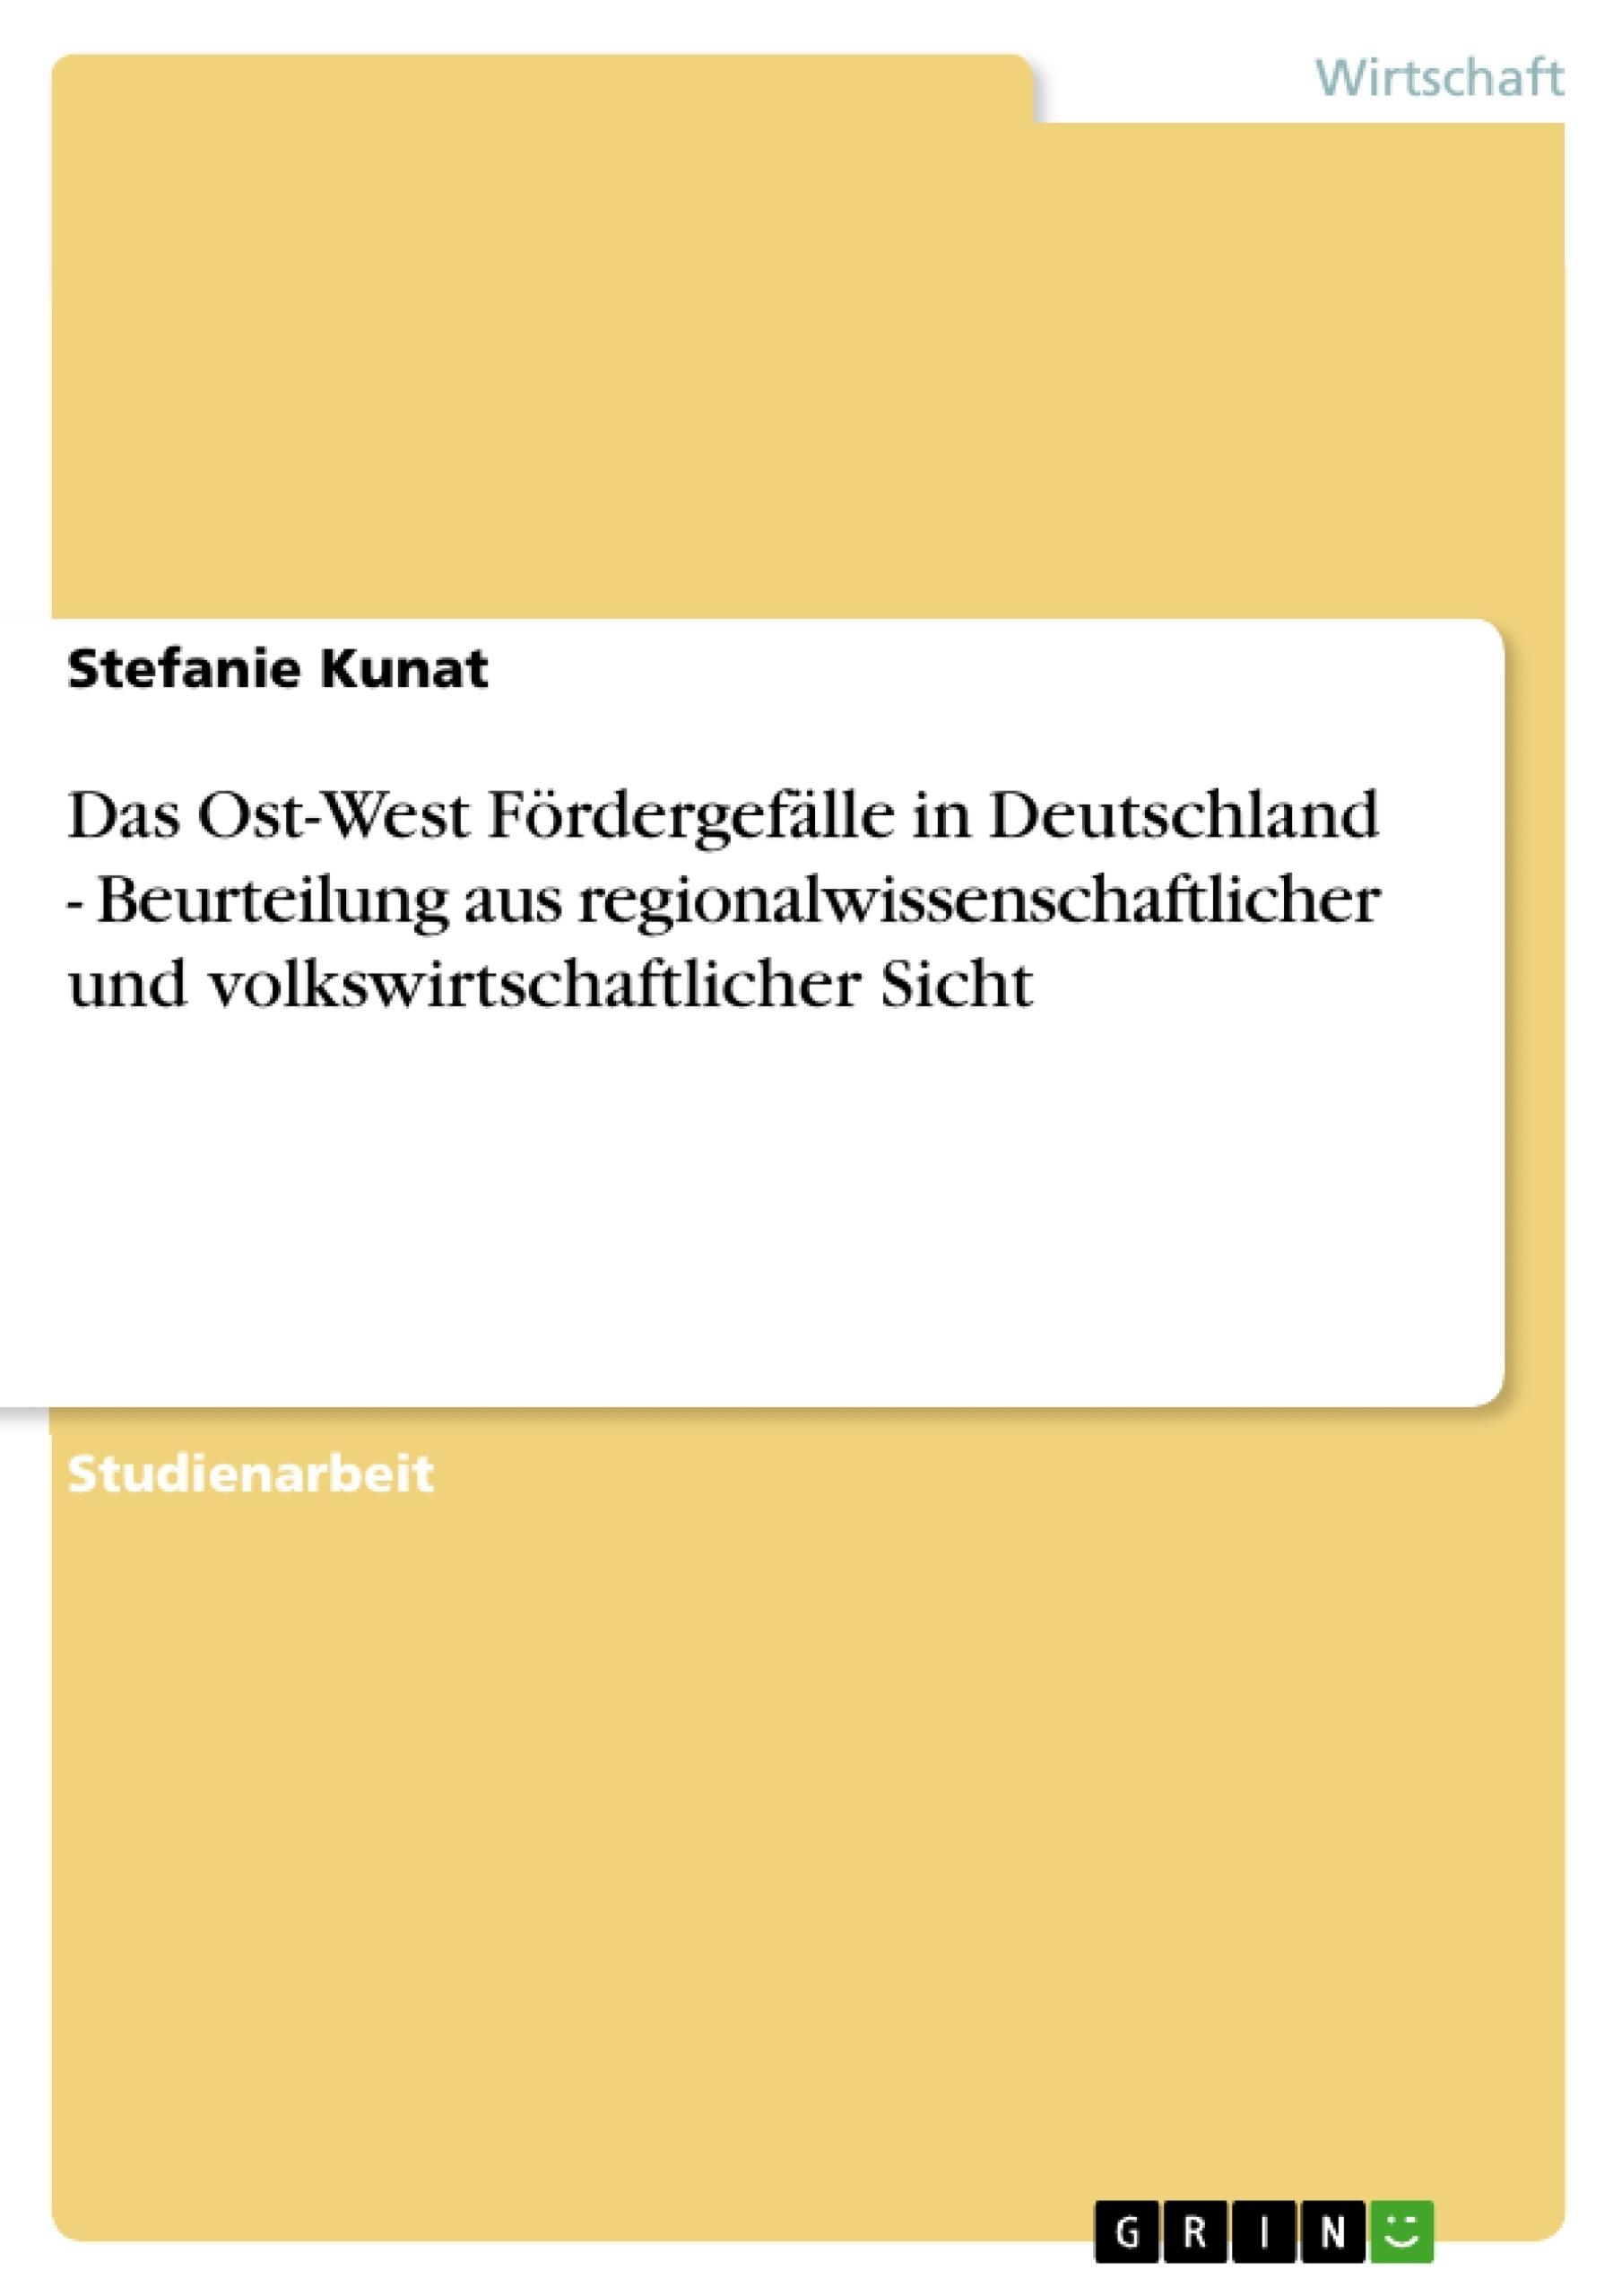 Titel: Das Ost-West Fördergefälle in Deutschland - Beurteilung aus regionalwissenschaftlicher und volkswirtschaftlicher Sicht